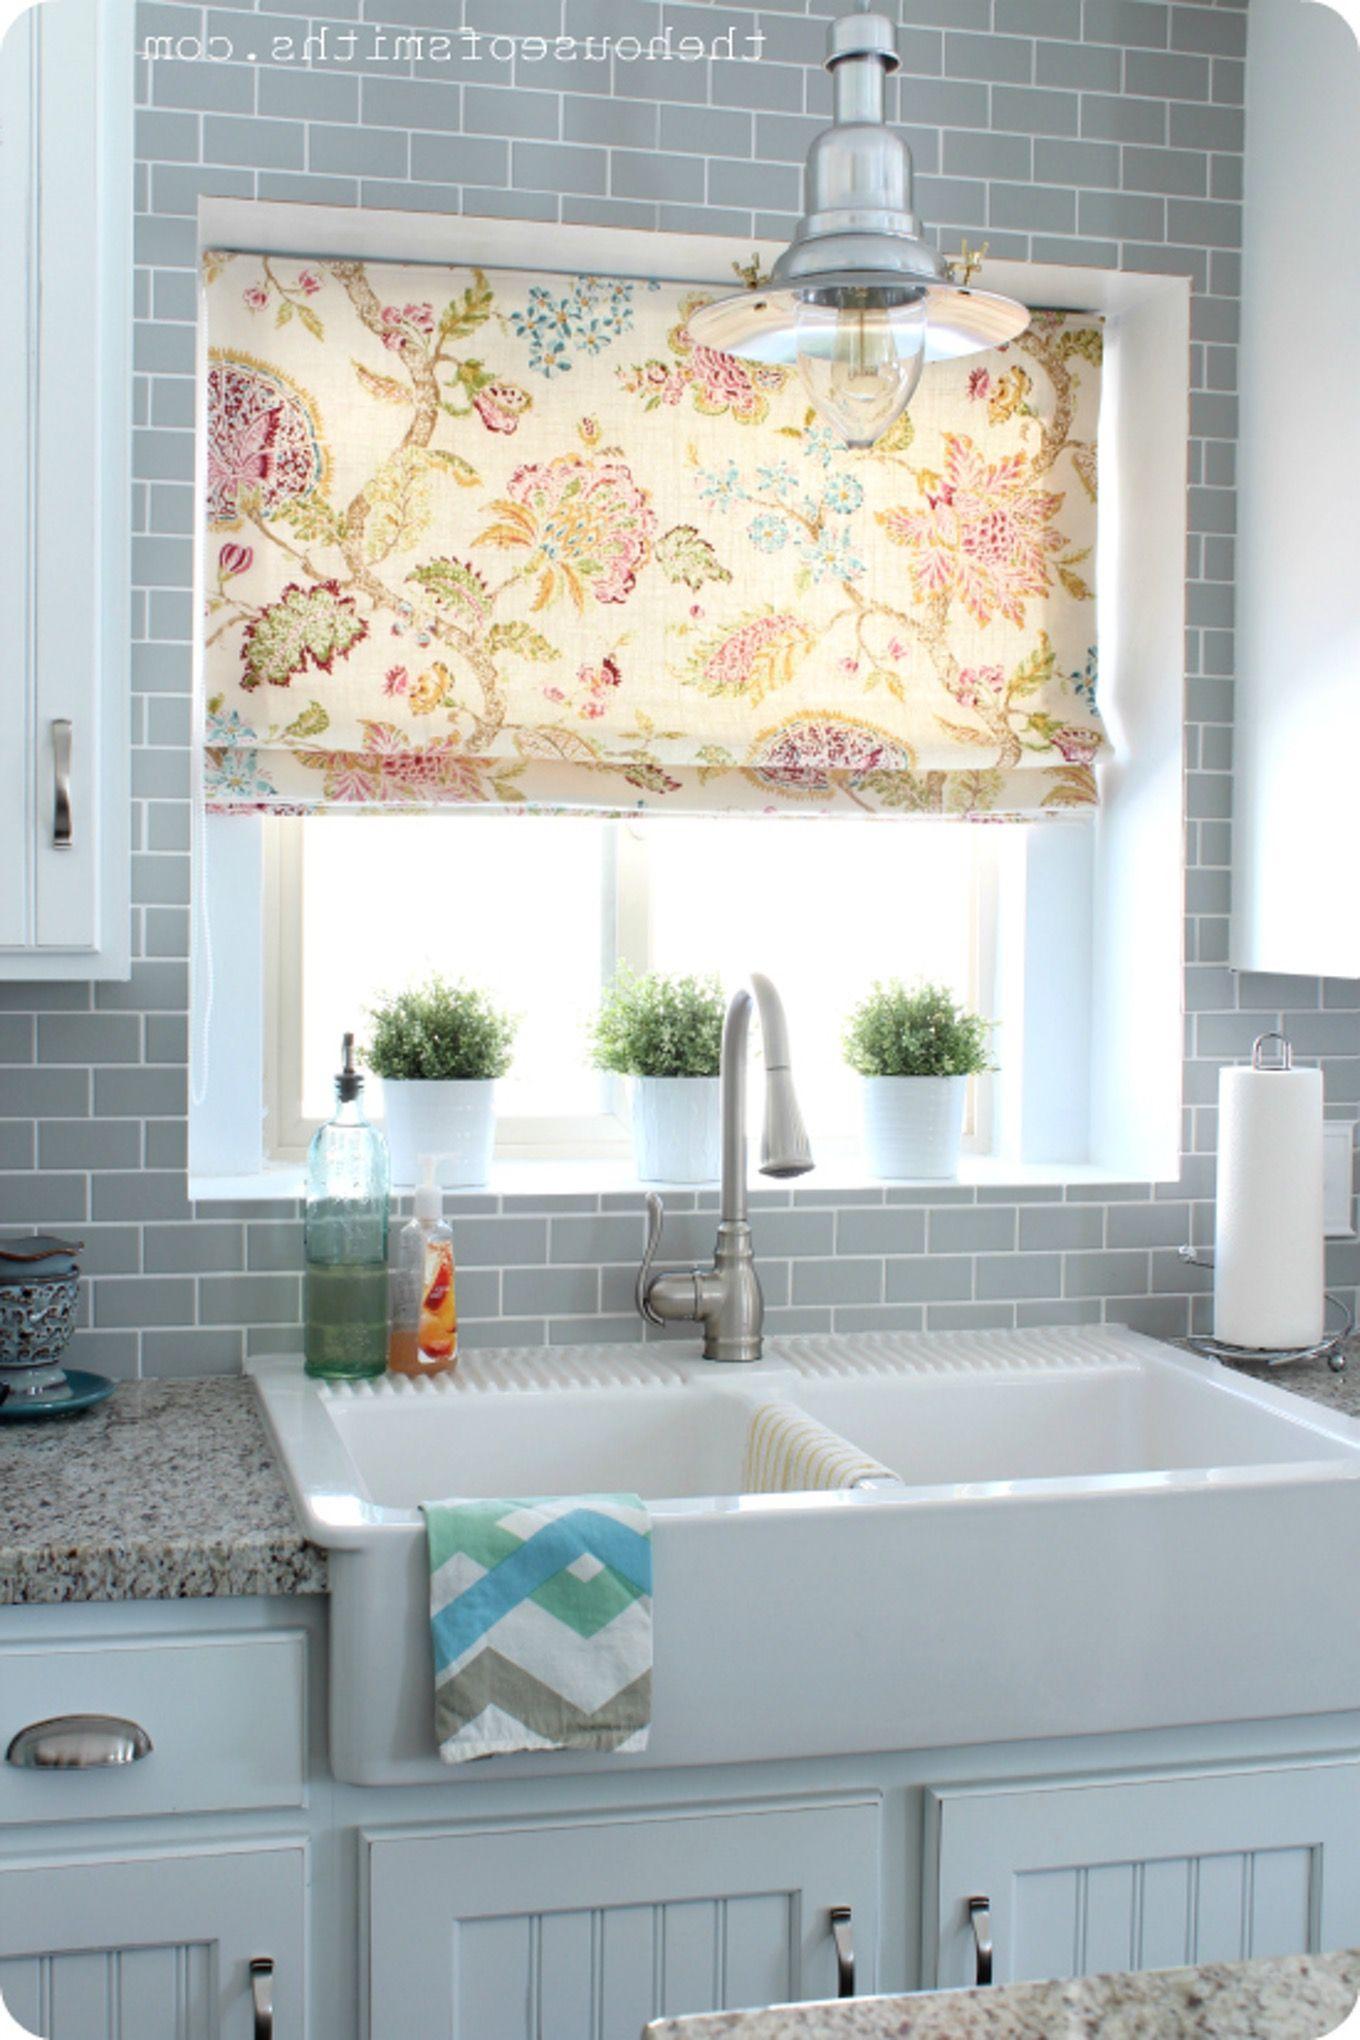 Kuche Spule Vorhange Mit Bildern Kuchenfenster Vorhange